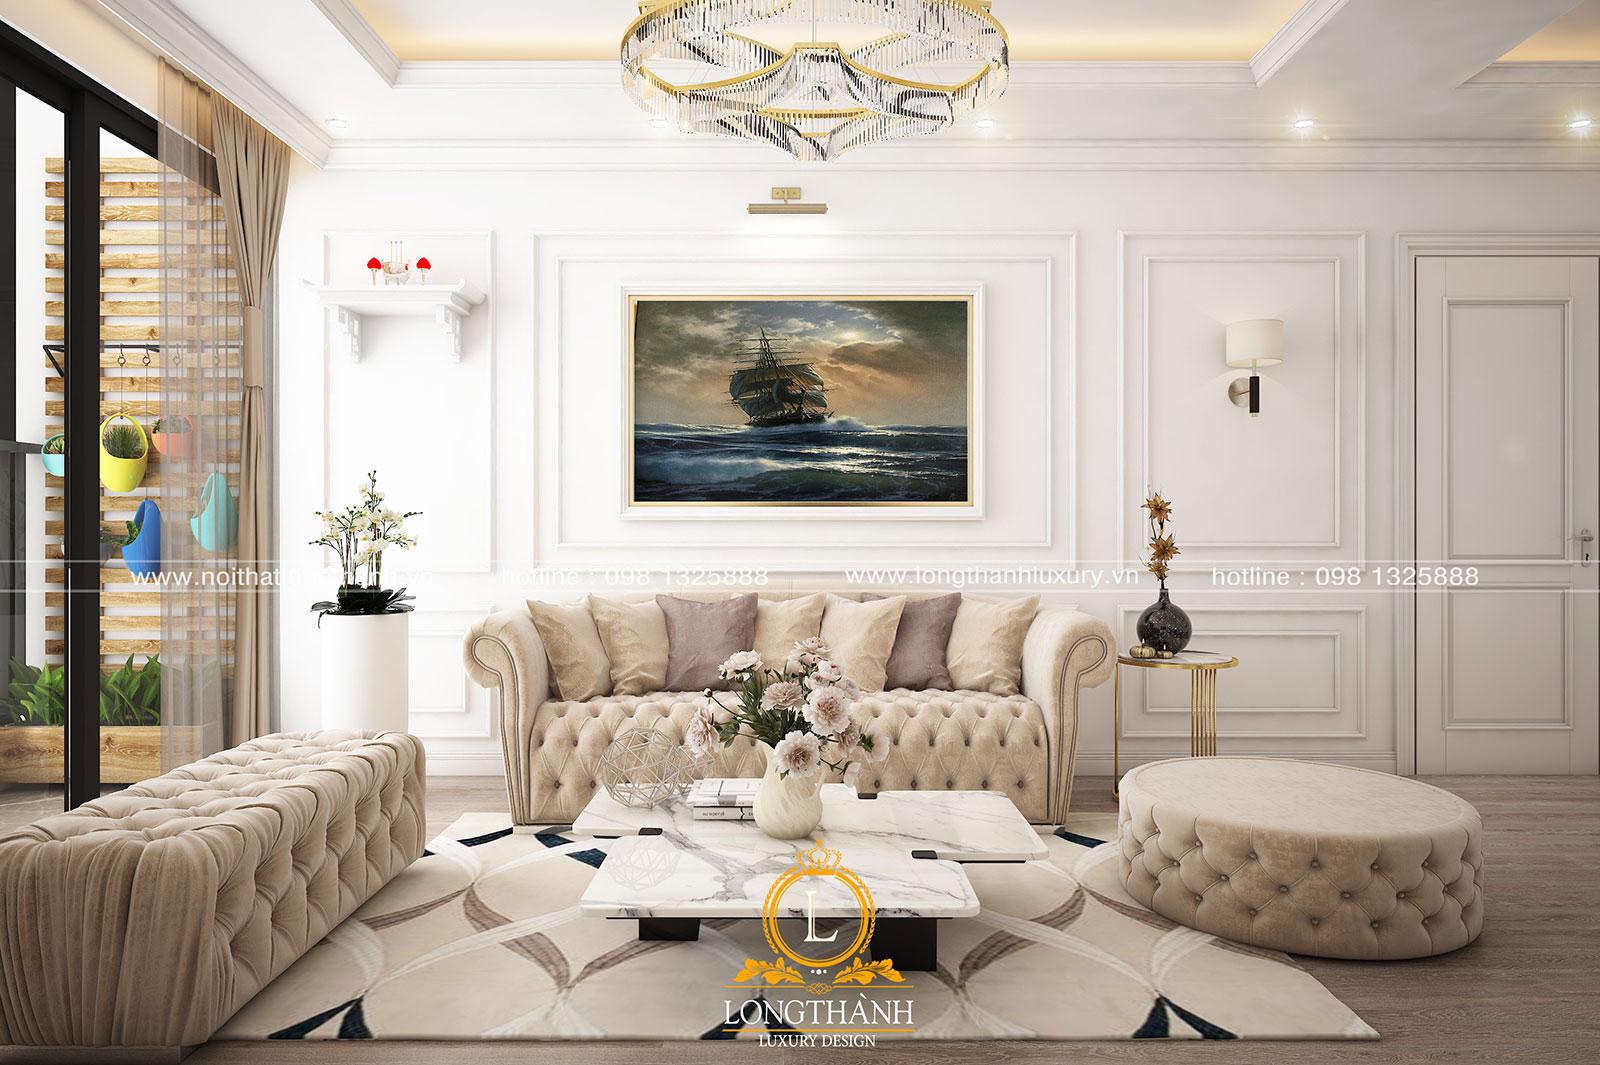 Thiết kế nội thất nhà chung cư với phong cách tân cổ điển Châu Âu